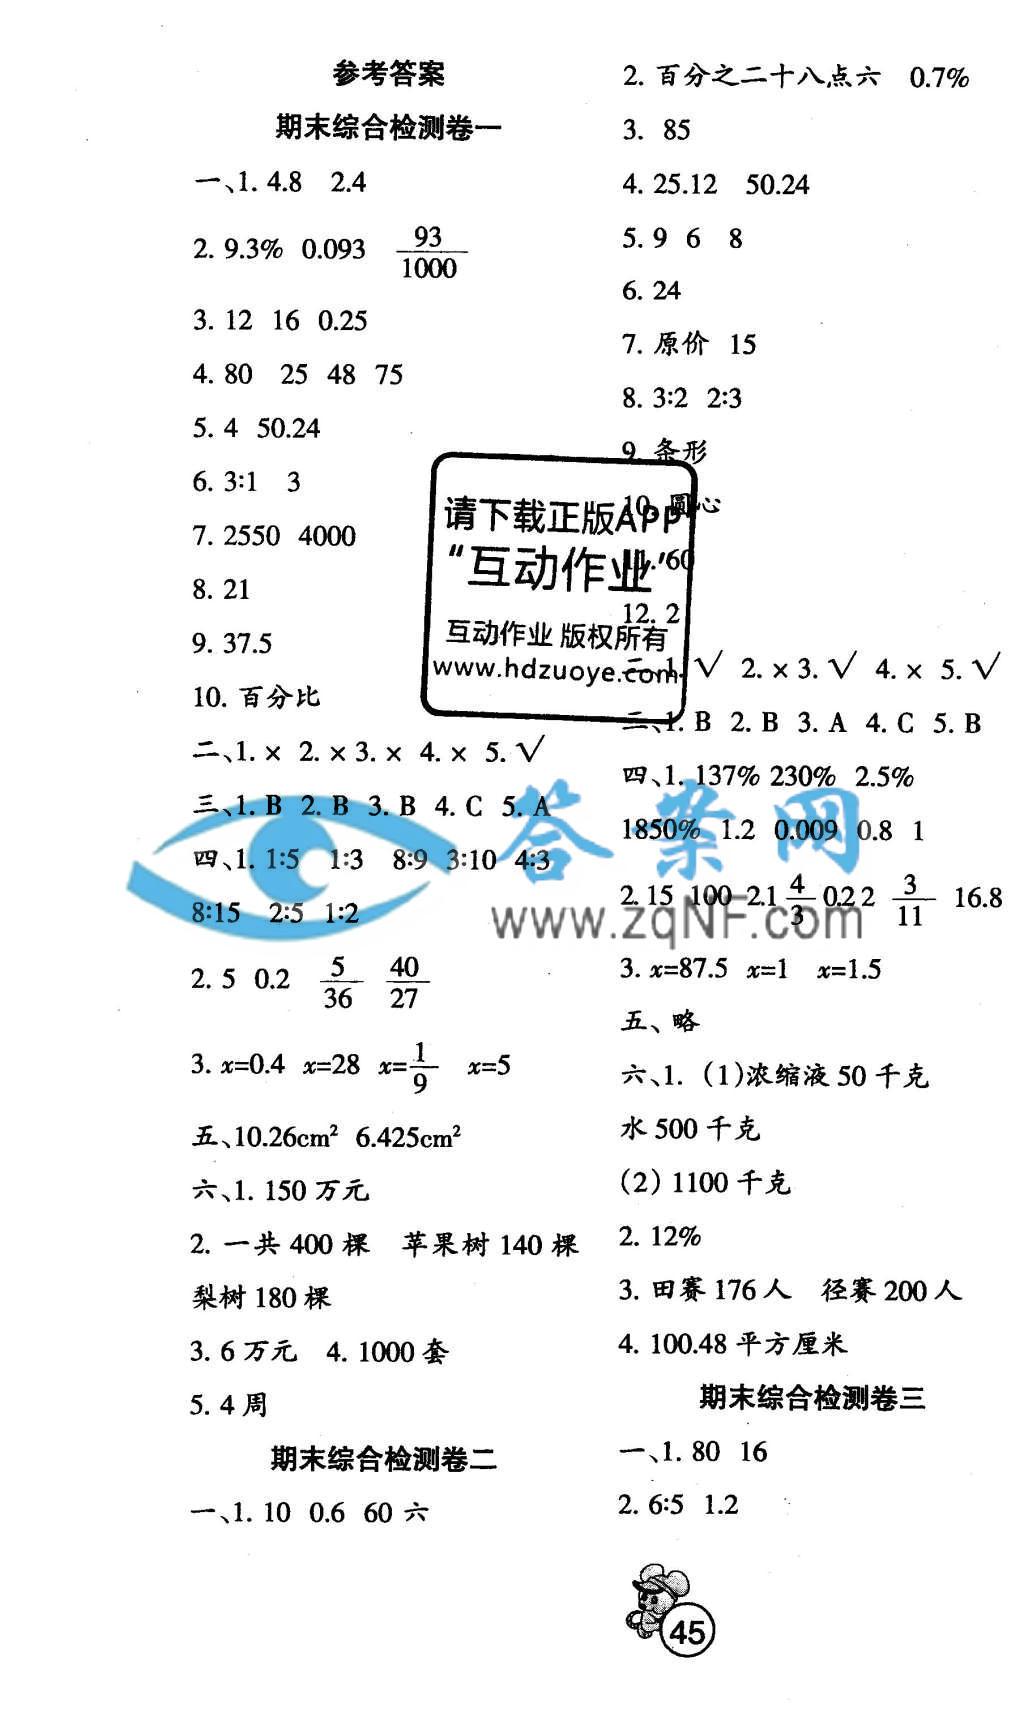 单票 电路 电路图 电子 票 票据 原理图 1024_1721 竖版 竖屏